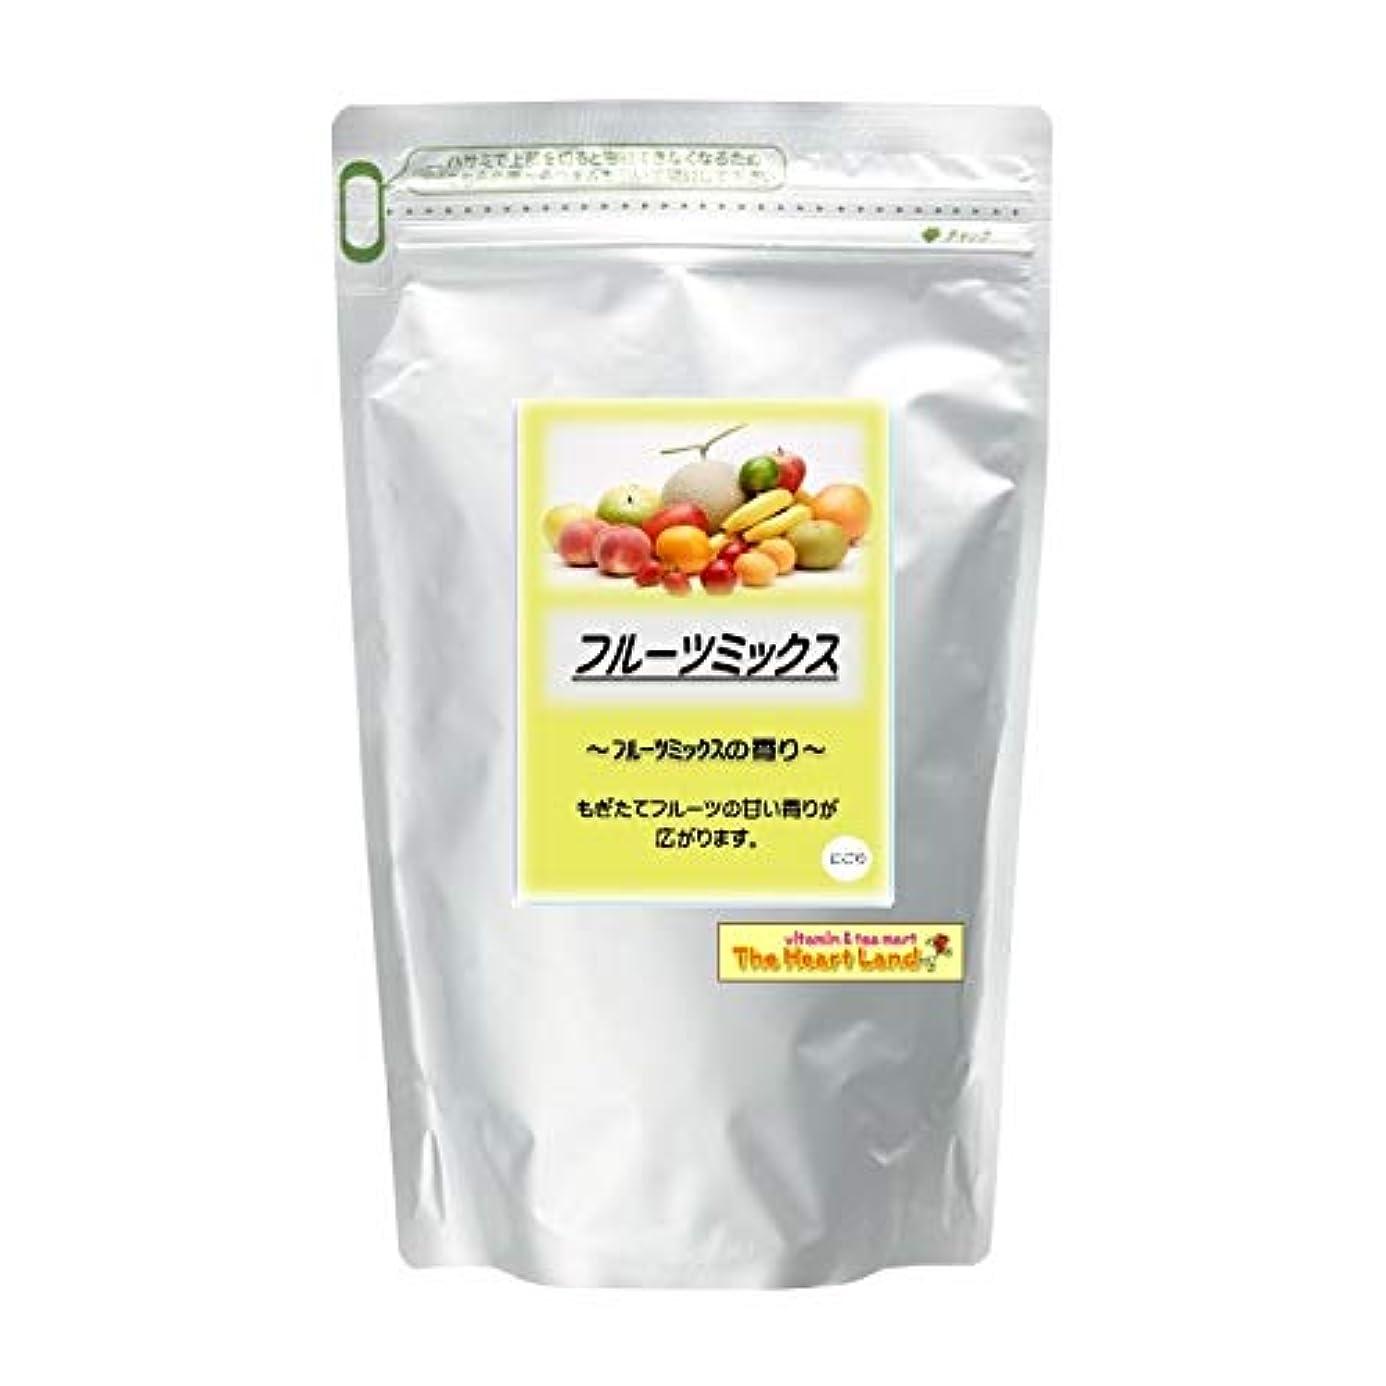 商人真珠のような不健康アサヒ入浴剤 浴用入浴化粧品 フルーツミックス 2.5kg